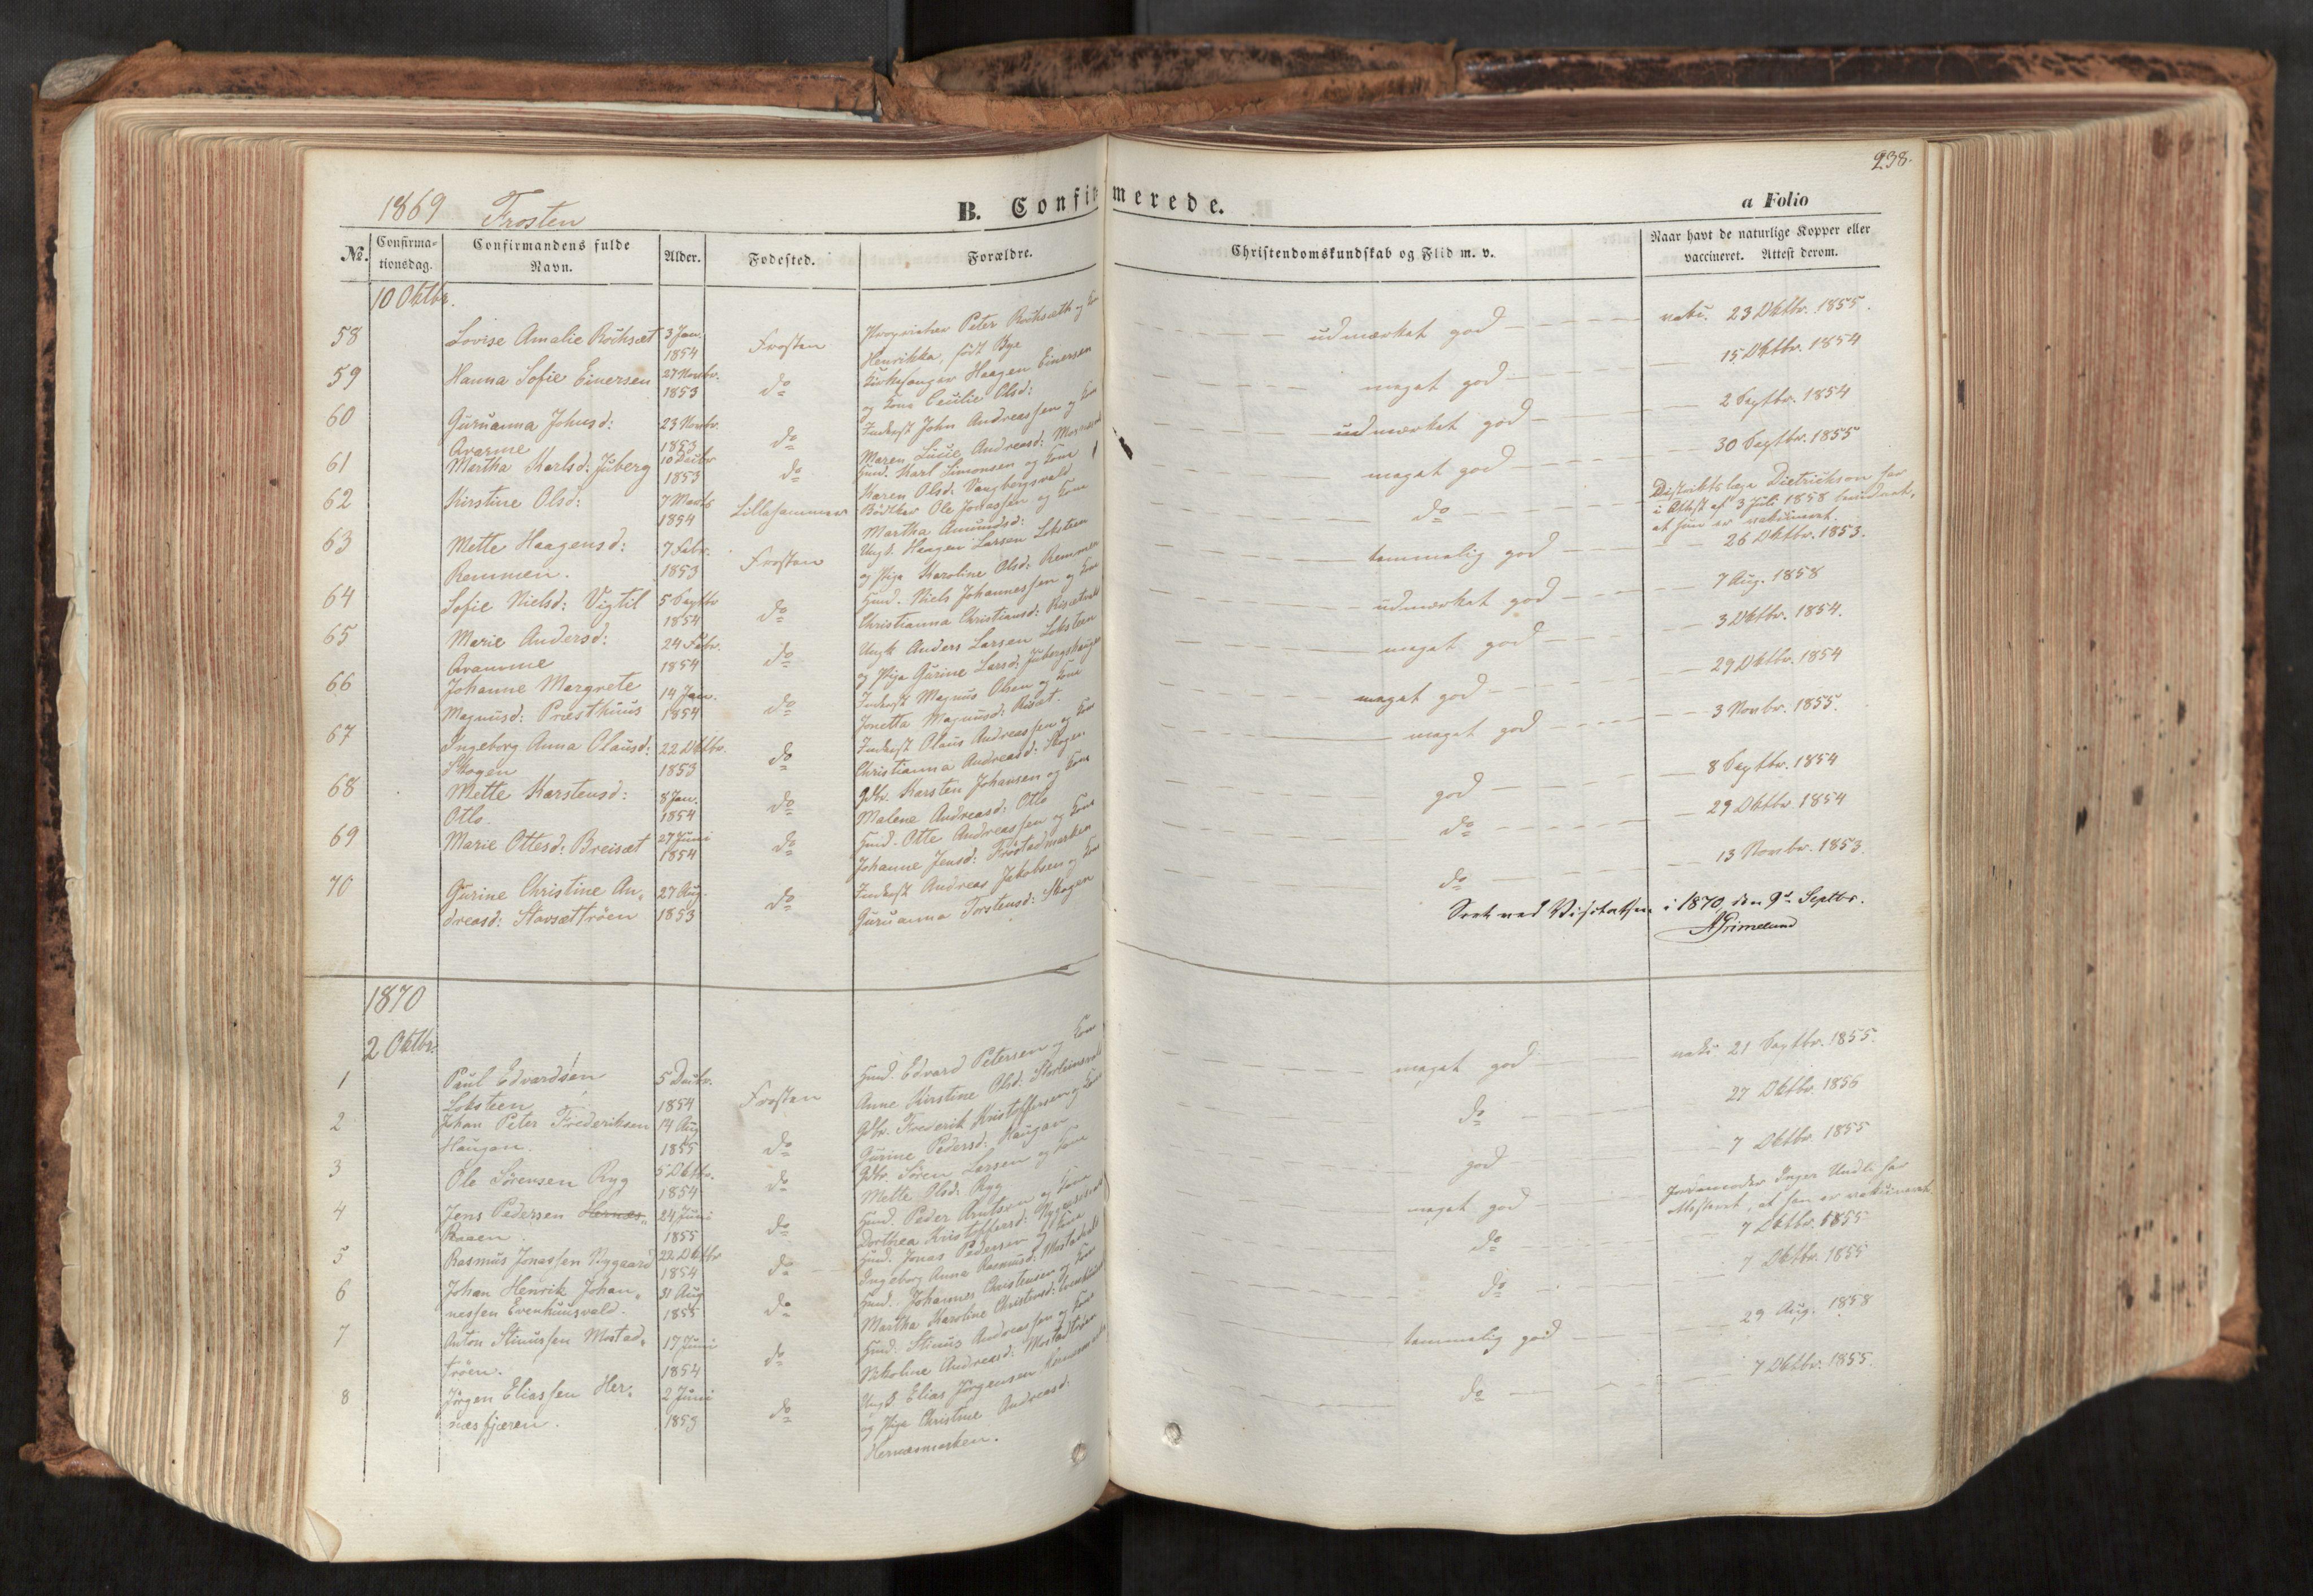 SAT, Ministerialprotokoller, klokkerbøker og fødselsregistre - Nord-Trøndelag, 713/L0116: Ministerialbok nr. 713A07, 1850-1877, s. 238